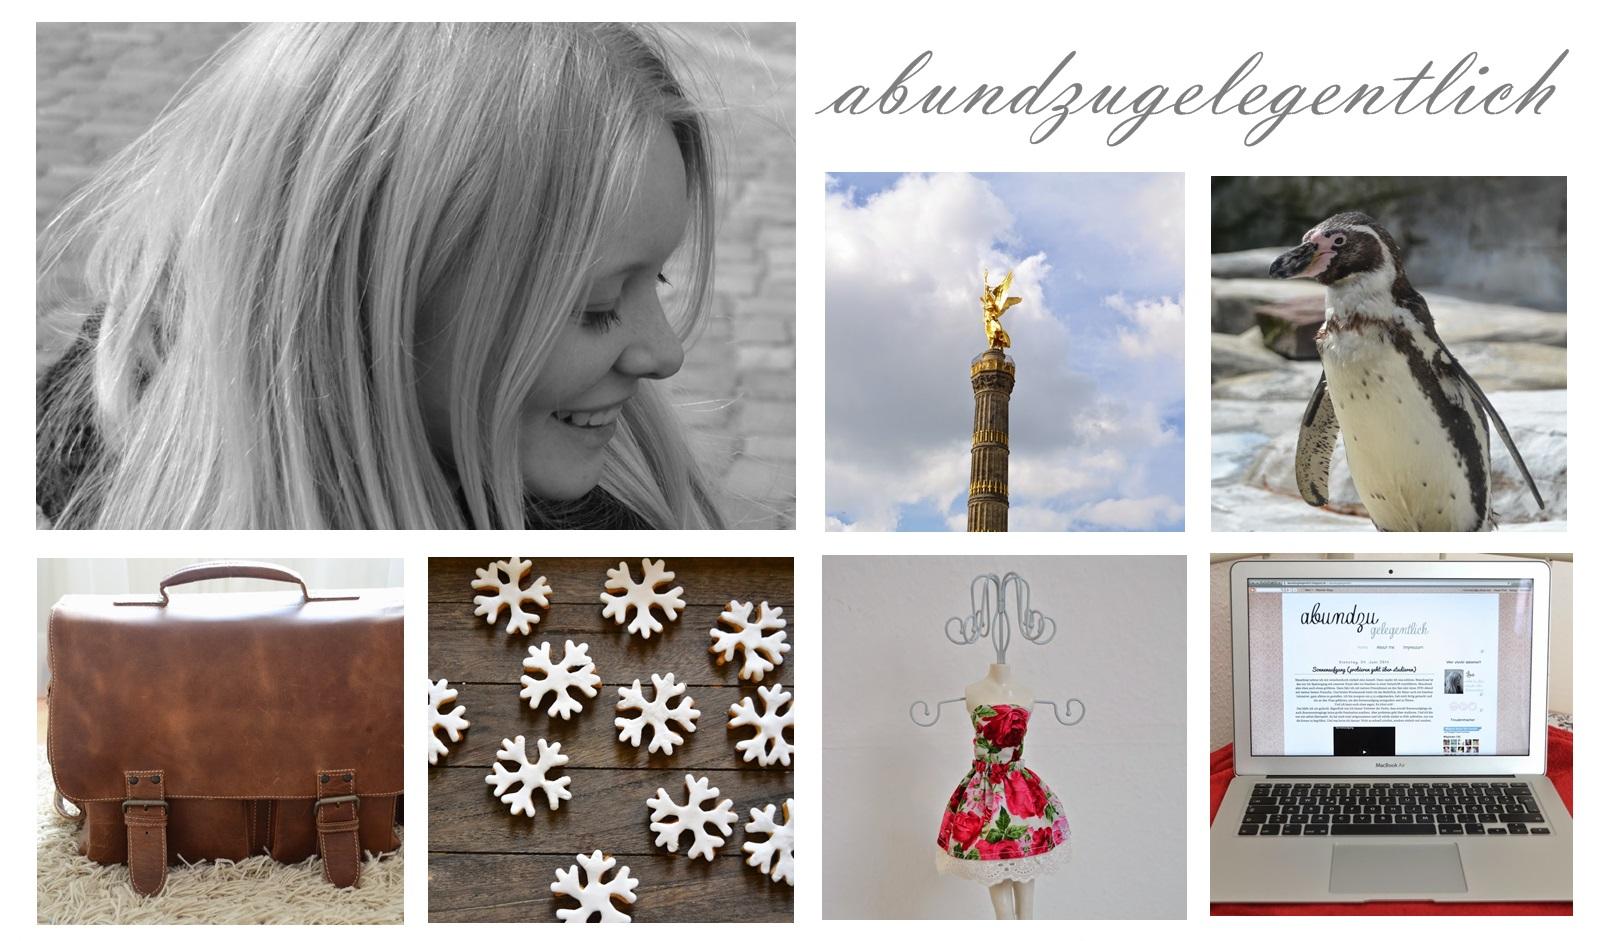 http://abundzugelegentlich.blogspot.de/